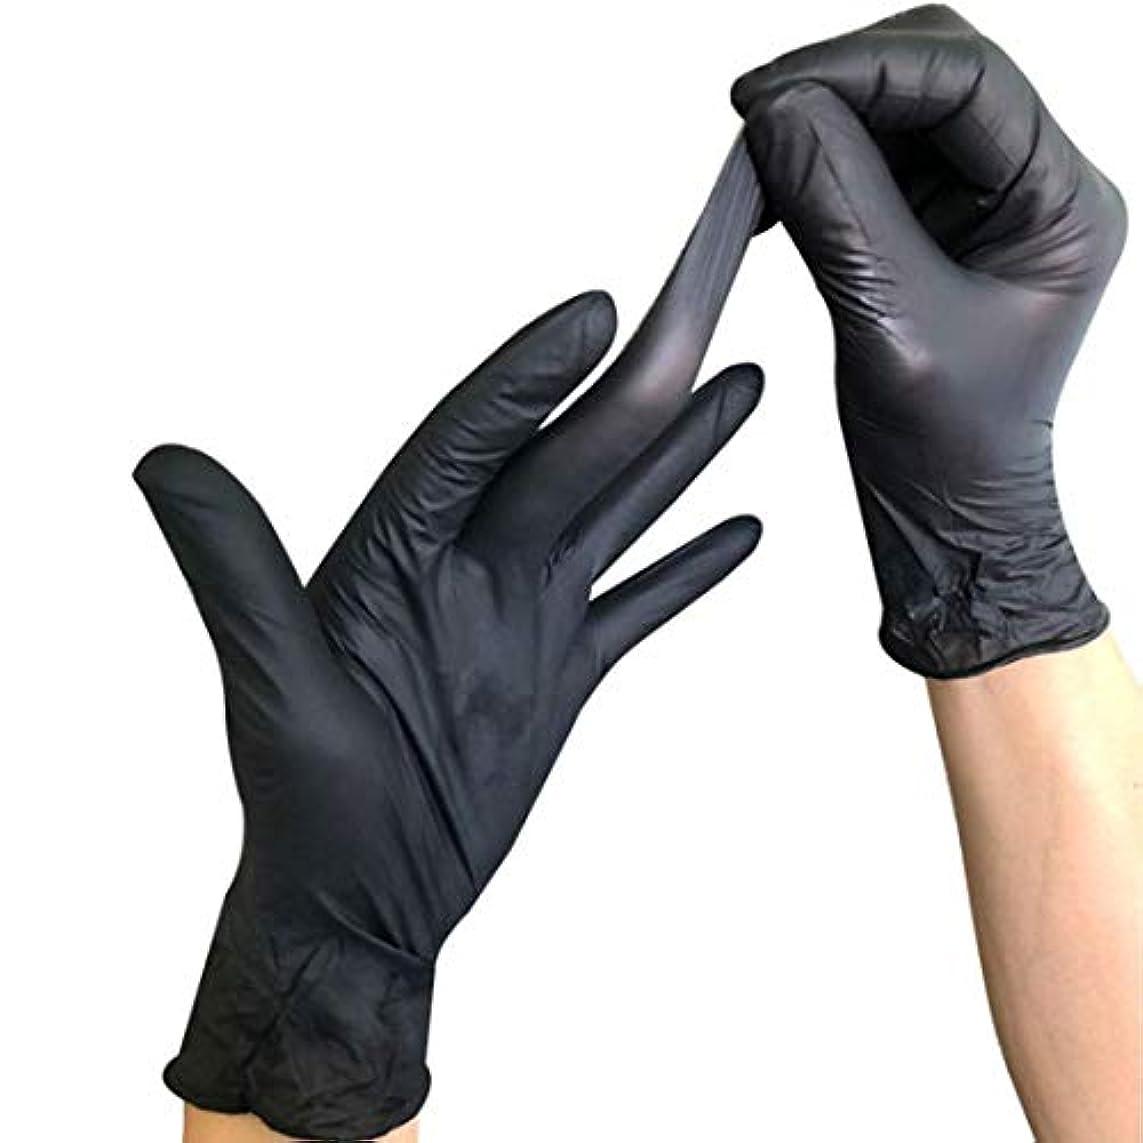 器官デンマーク語スペイン使い捨て手袋 ニトリル手袋 厚手防水 耐油 耐久性が強い上に軽く高品質黒 100枚